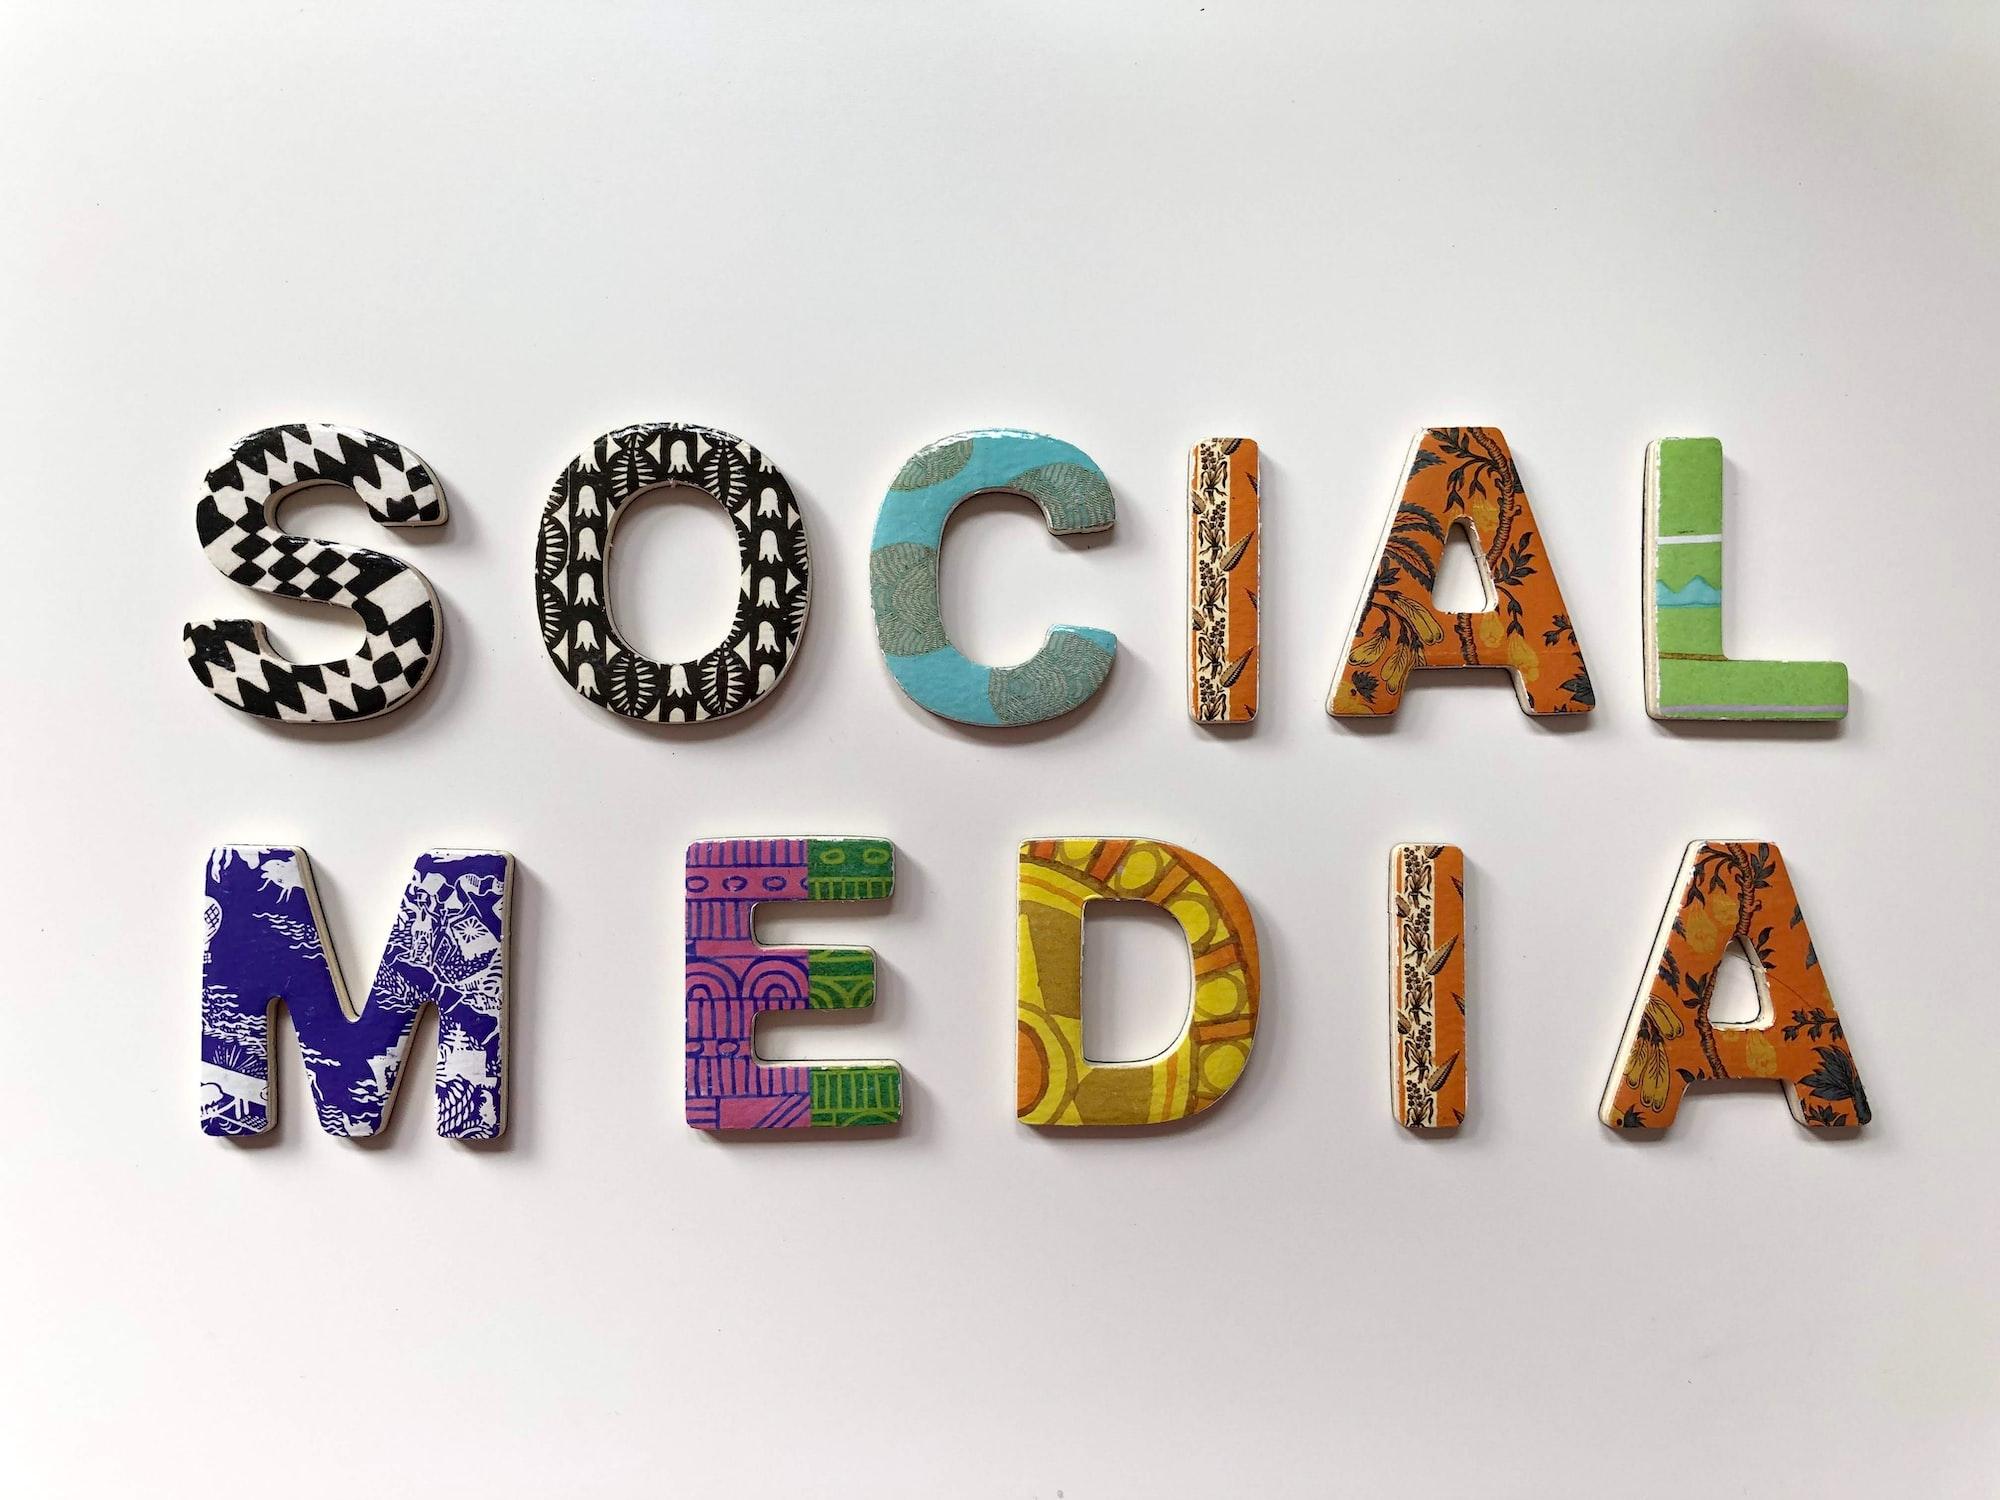 My social media purge